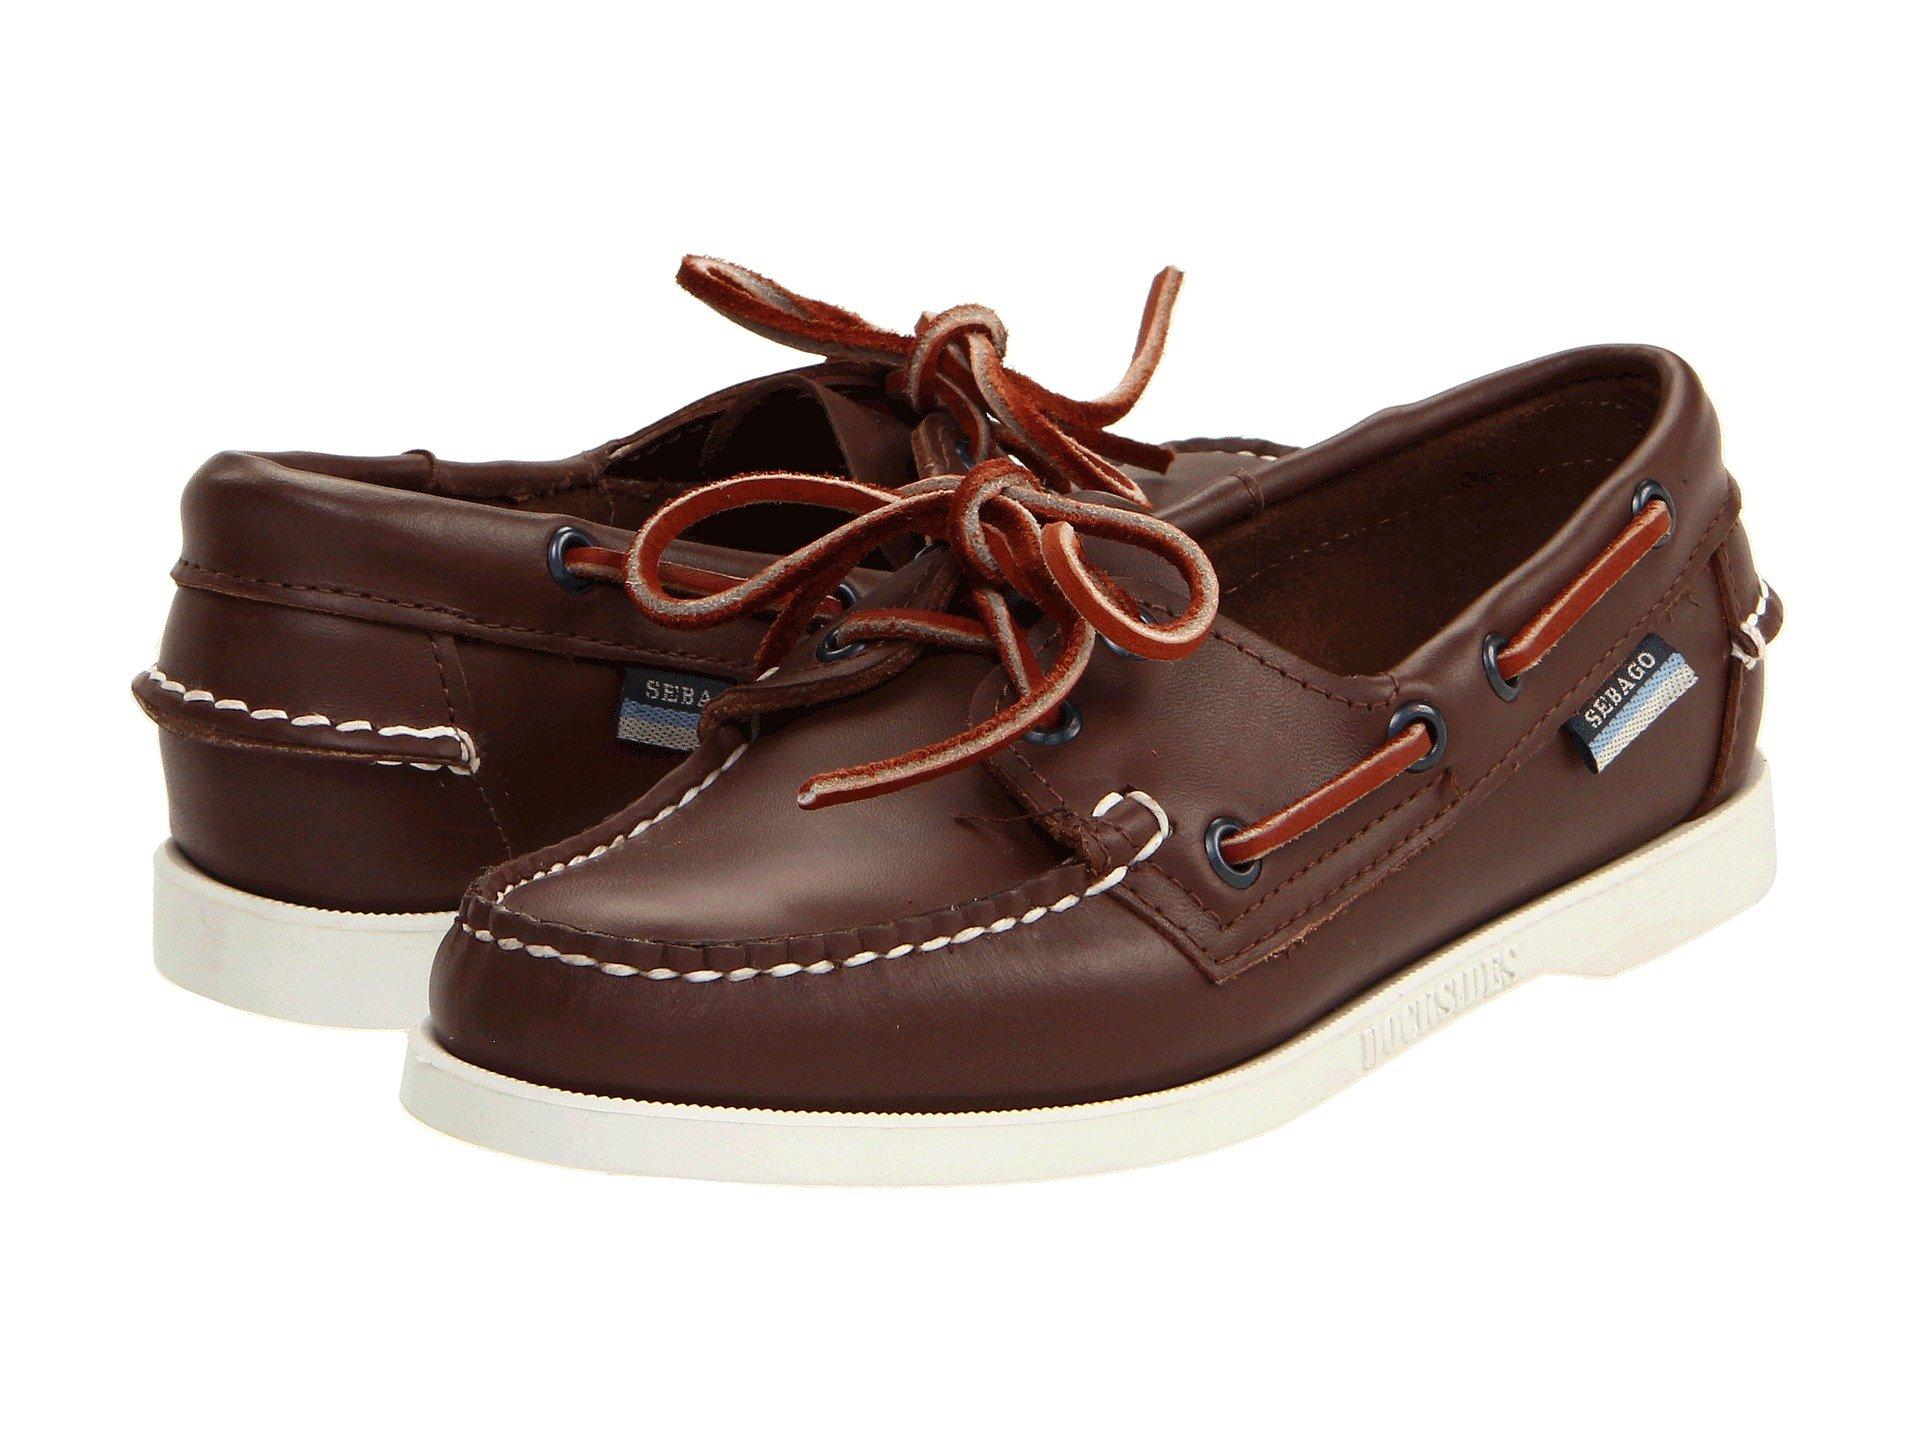 Boat Shoes para Mujer Sebago Docksides®  + Sebago en VeoyCompro.net